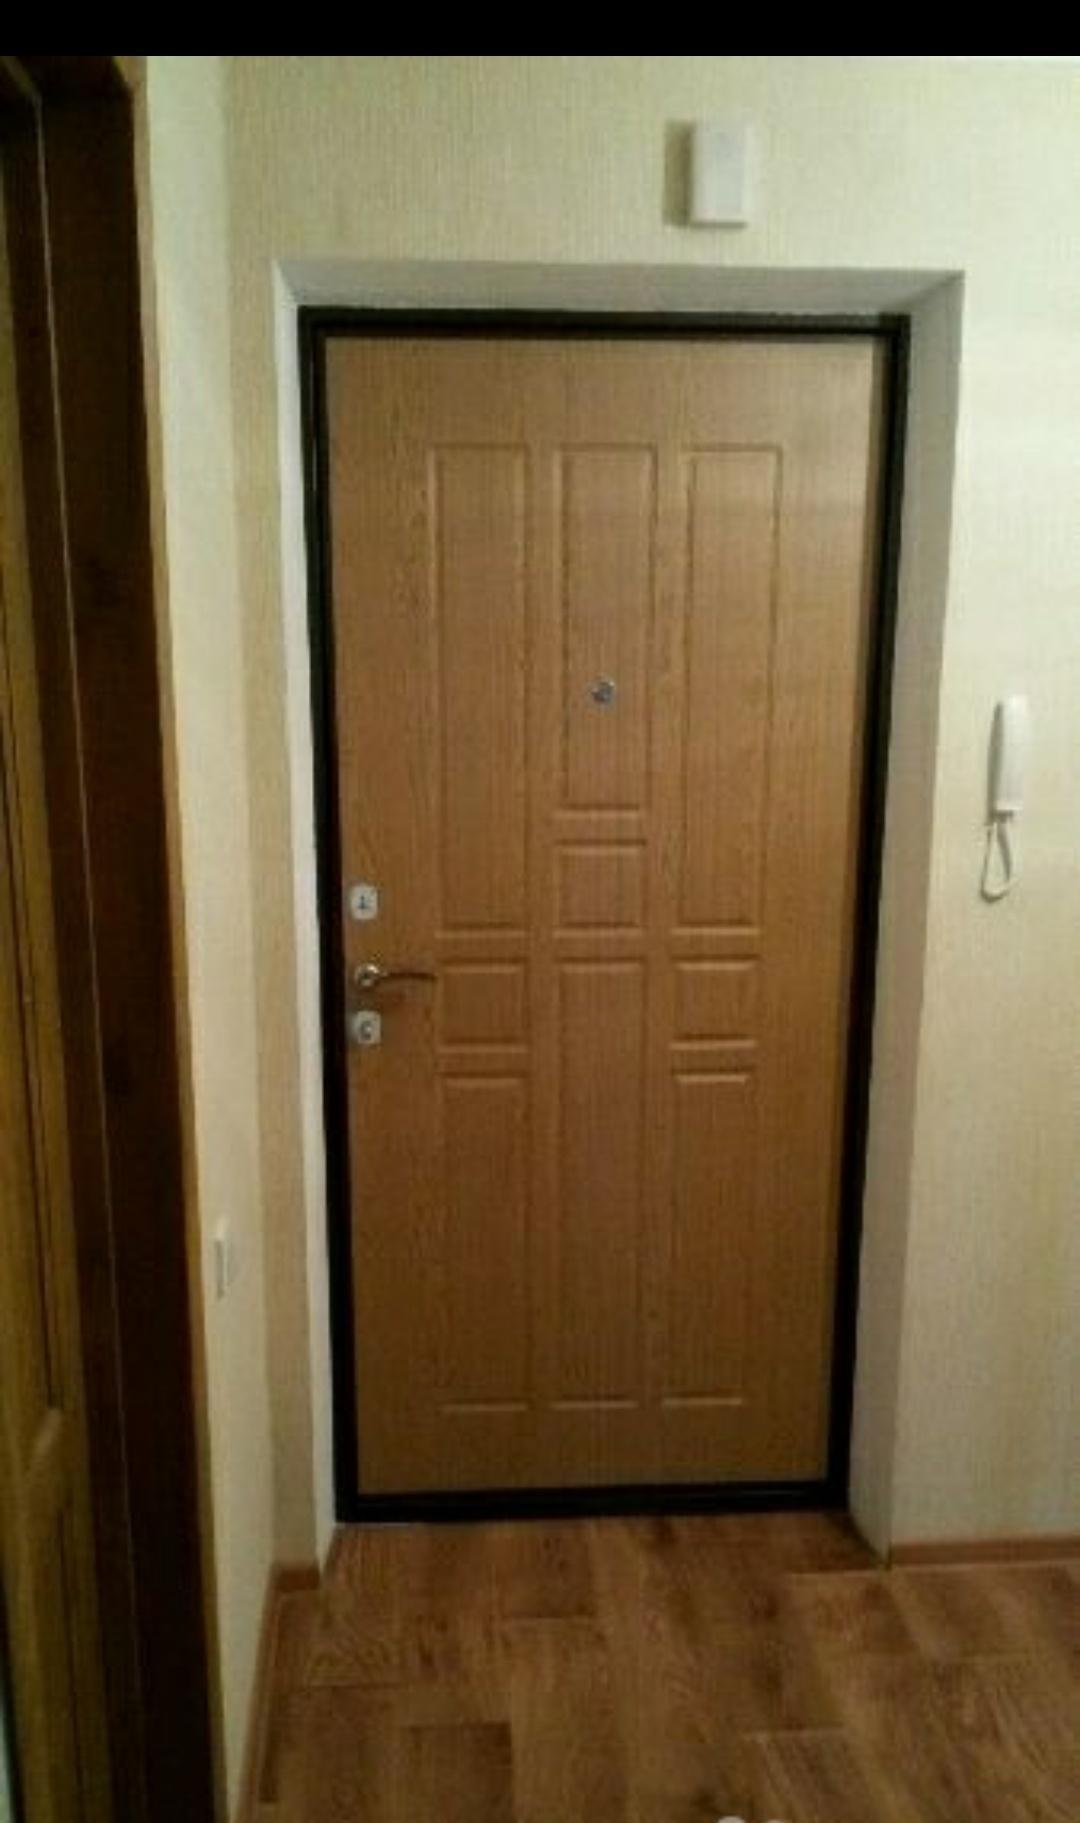 Аренда 1-комнатной квартиры, г. Тольятти, Спортивная улица  дом 45а